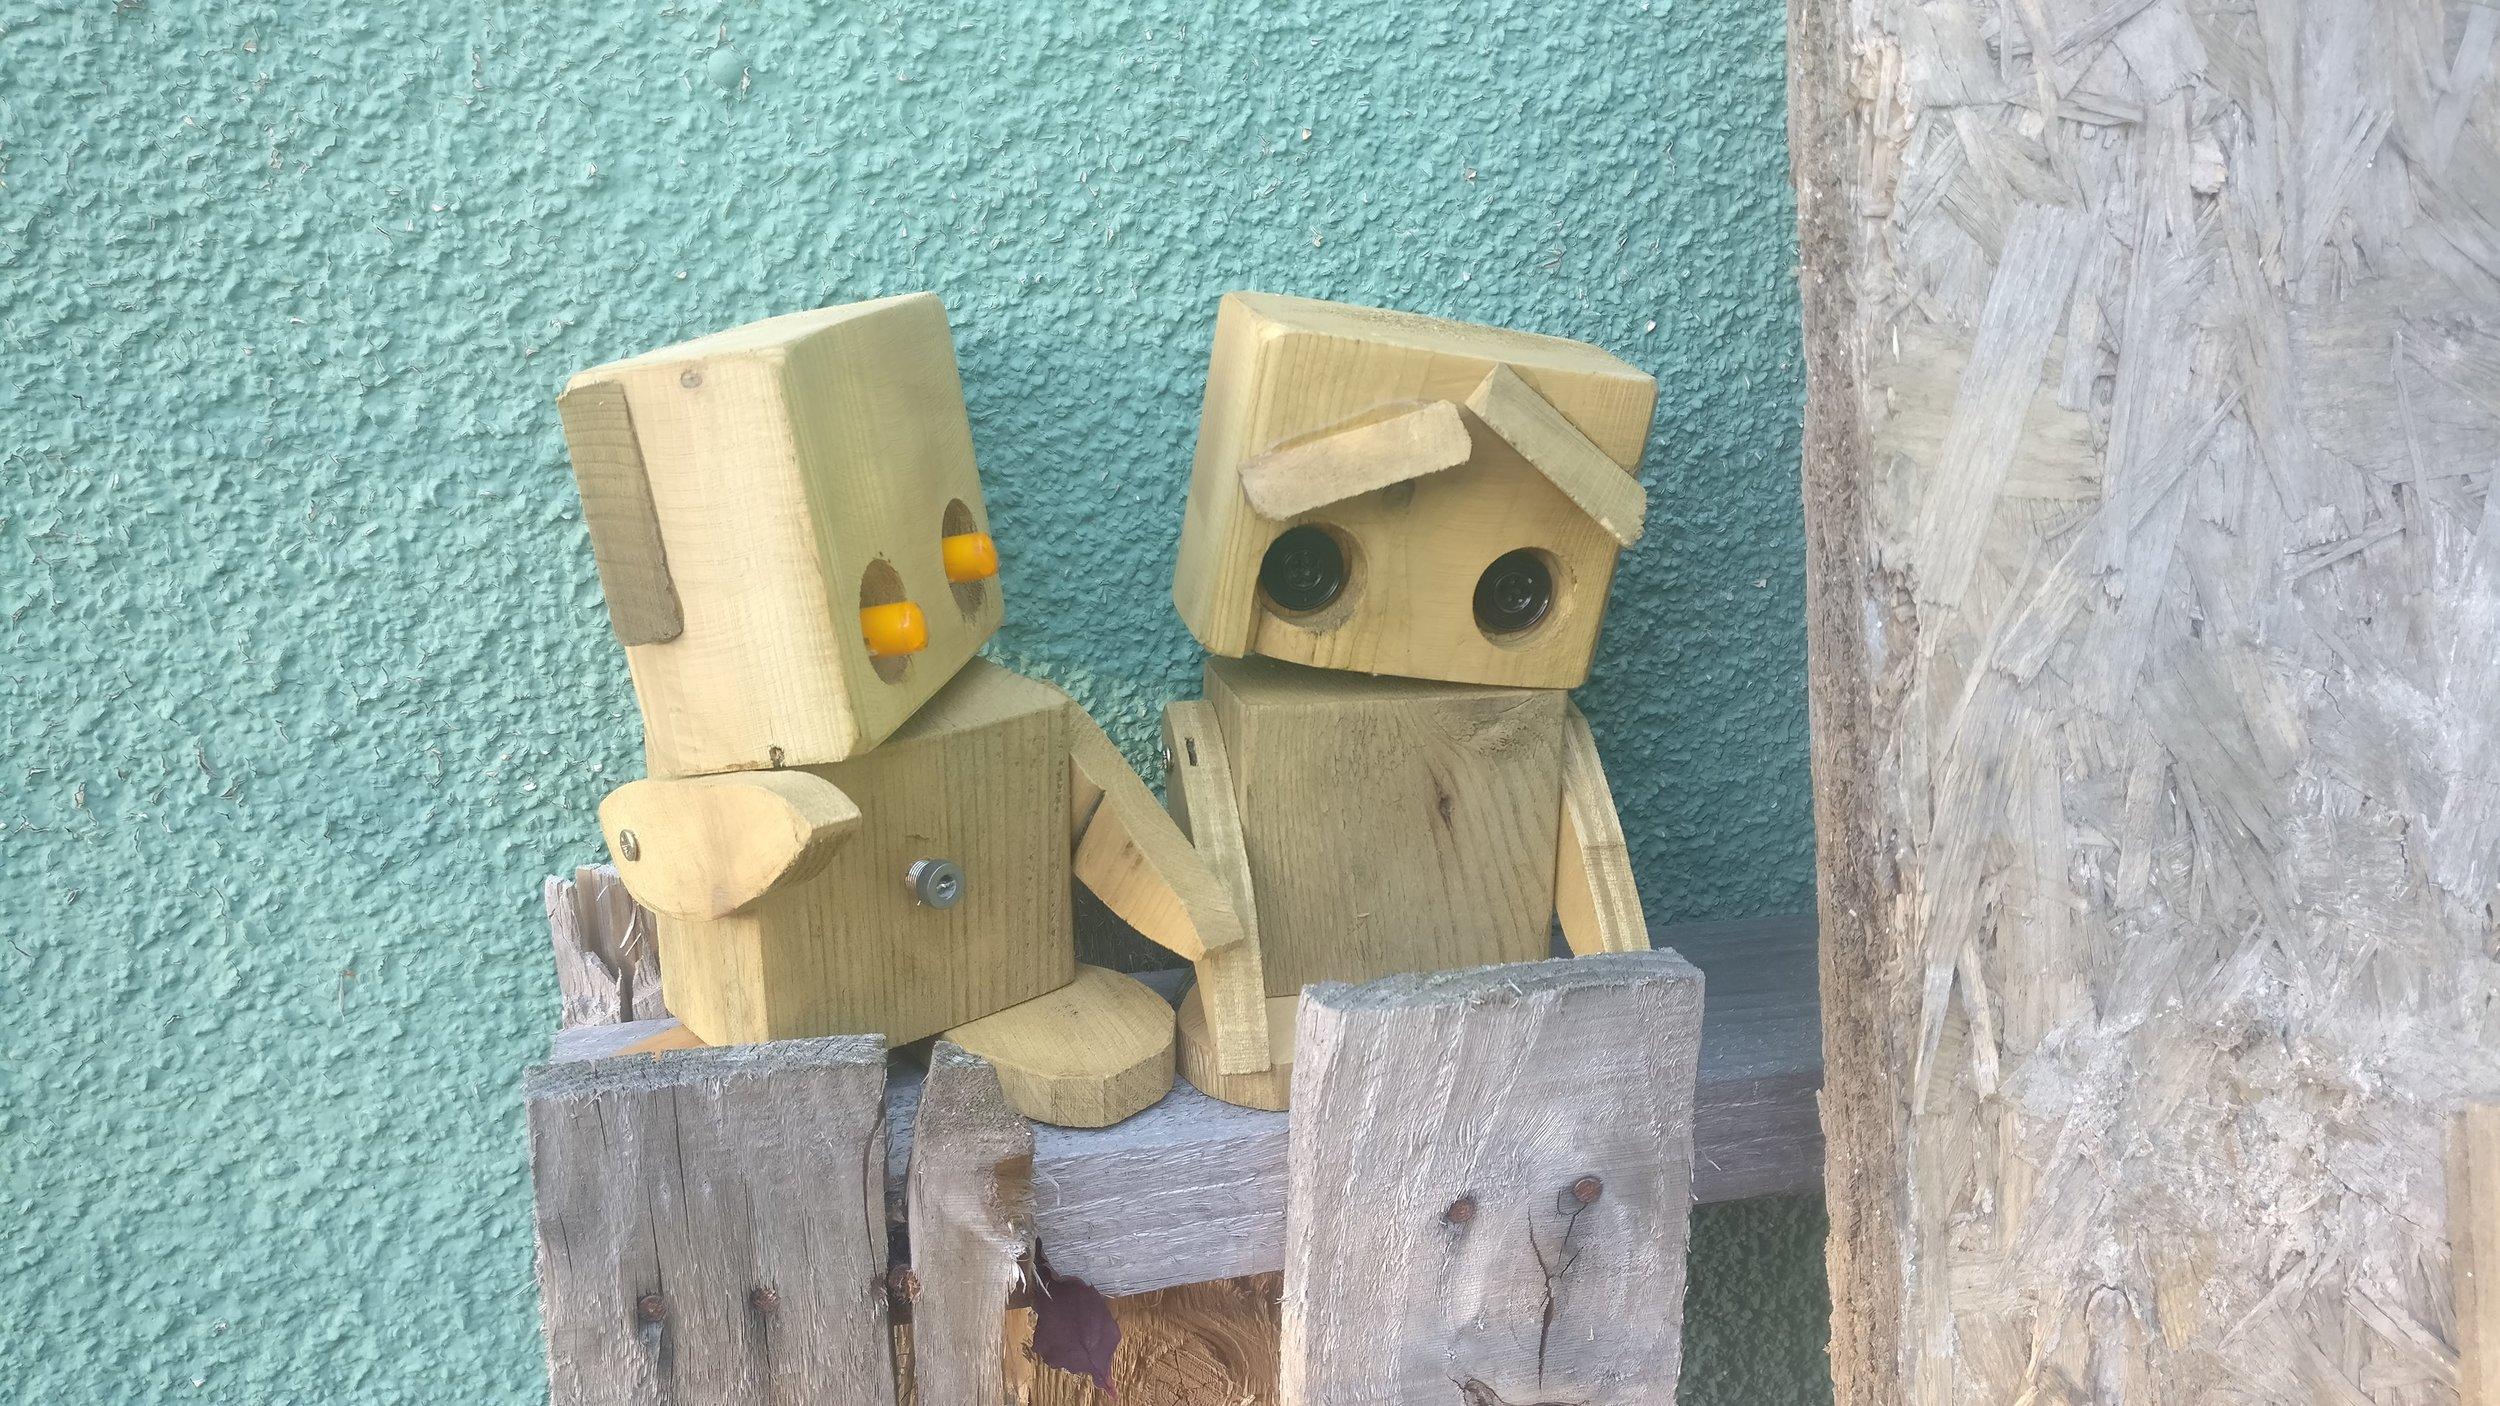 Scrap Robots having a chat